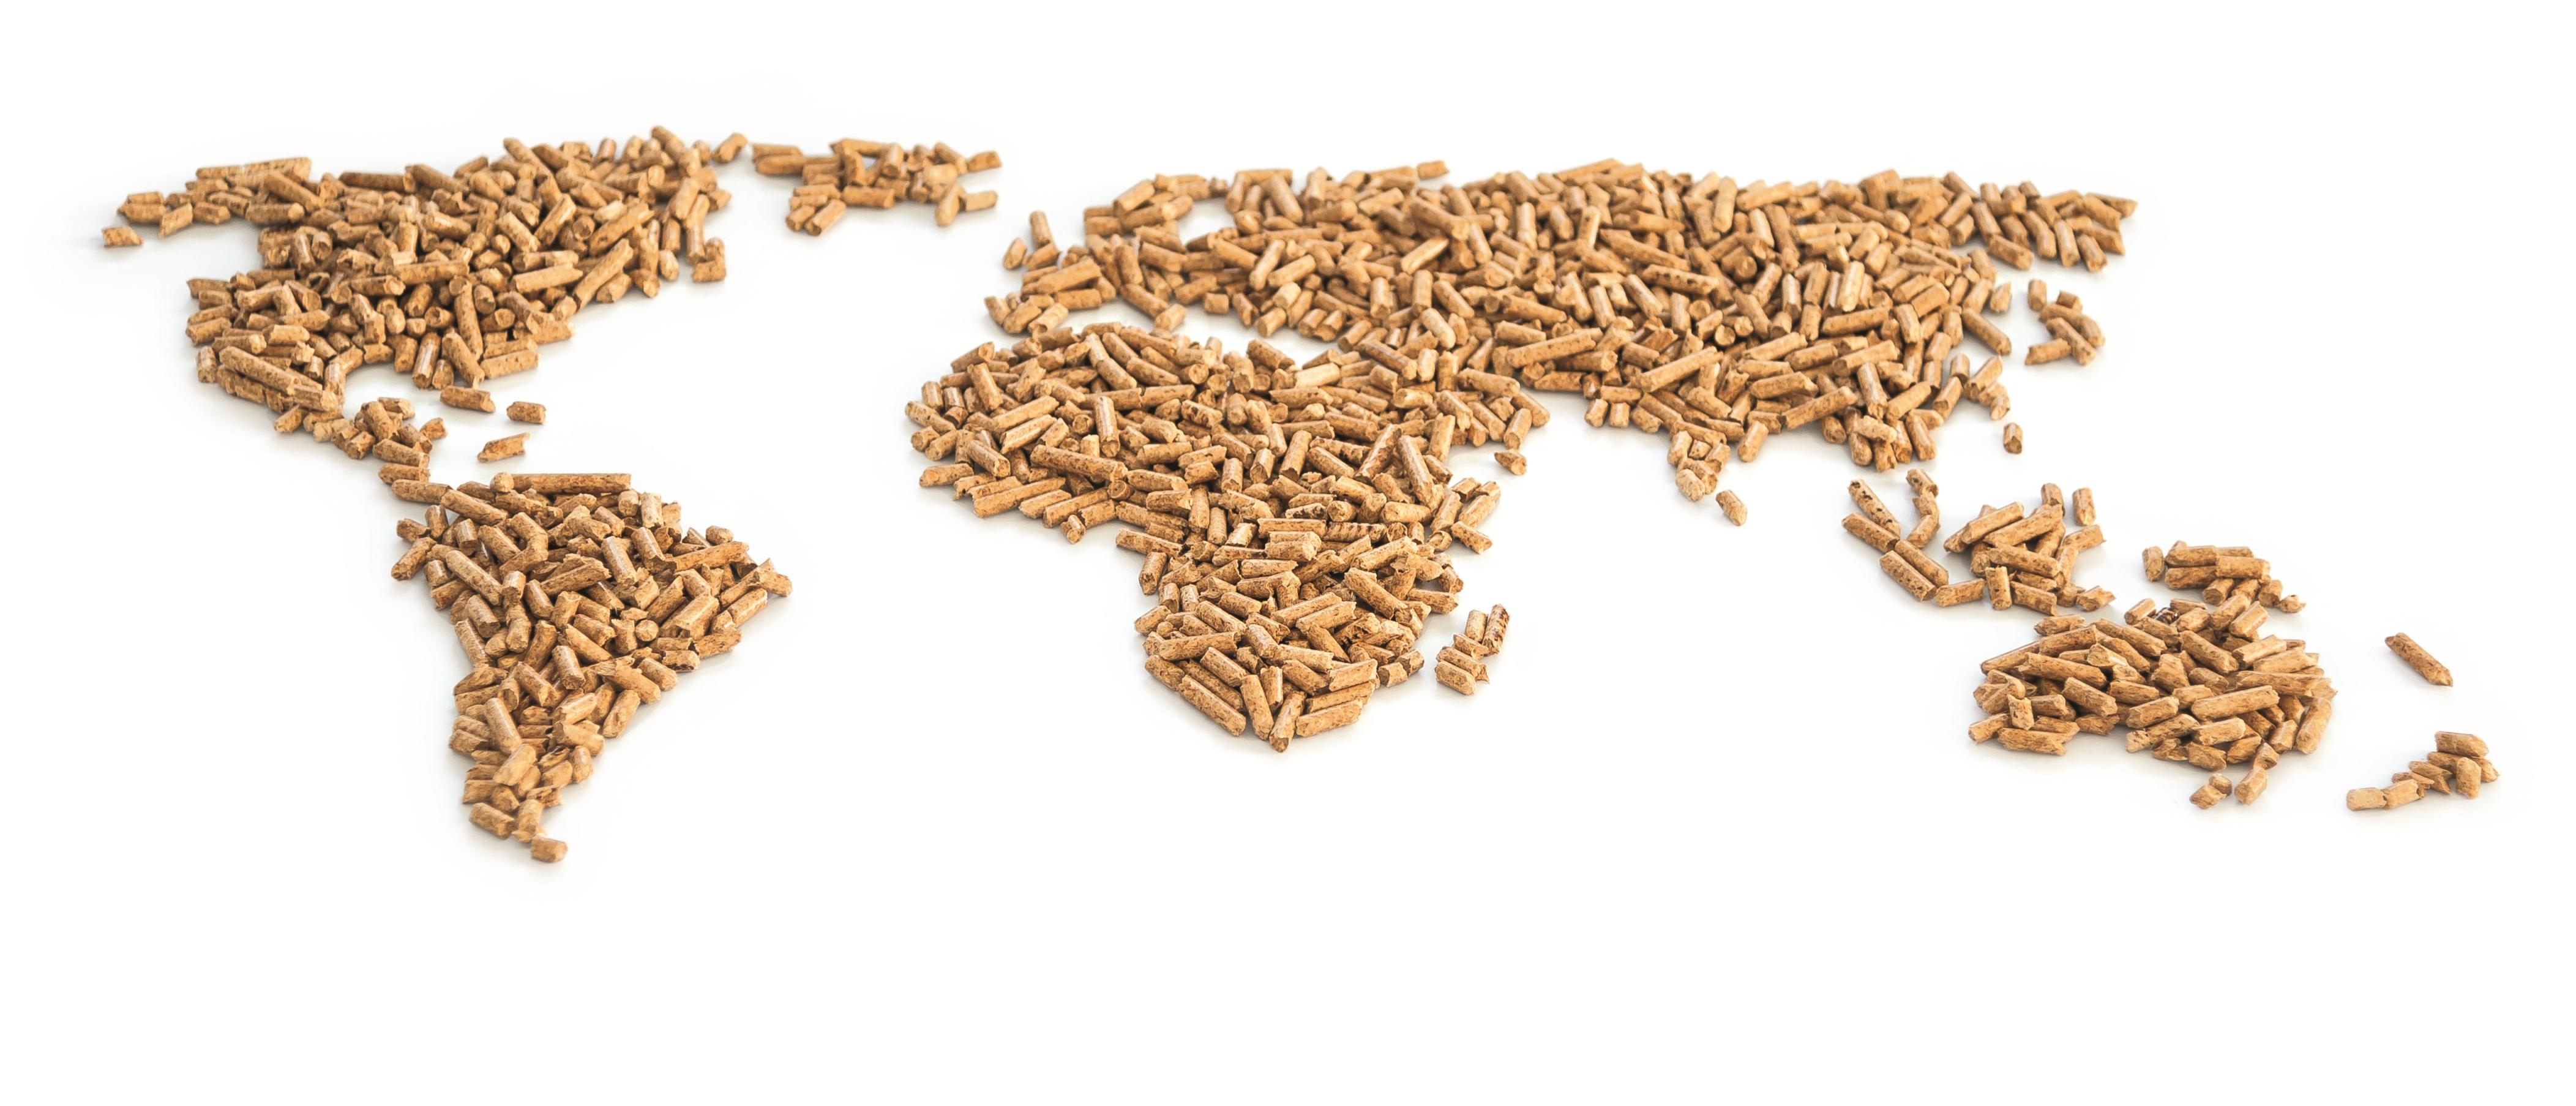 Die Pelletproduktion weltweit steigt rasant: Foto: Deutsches Pelletinstitut